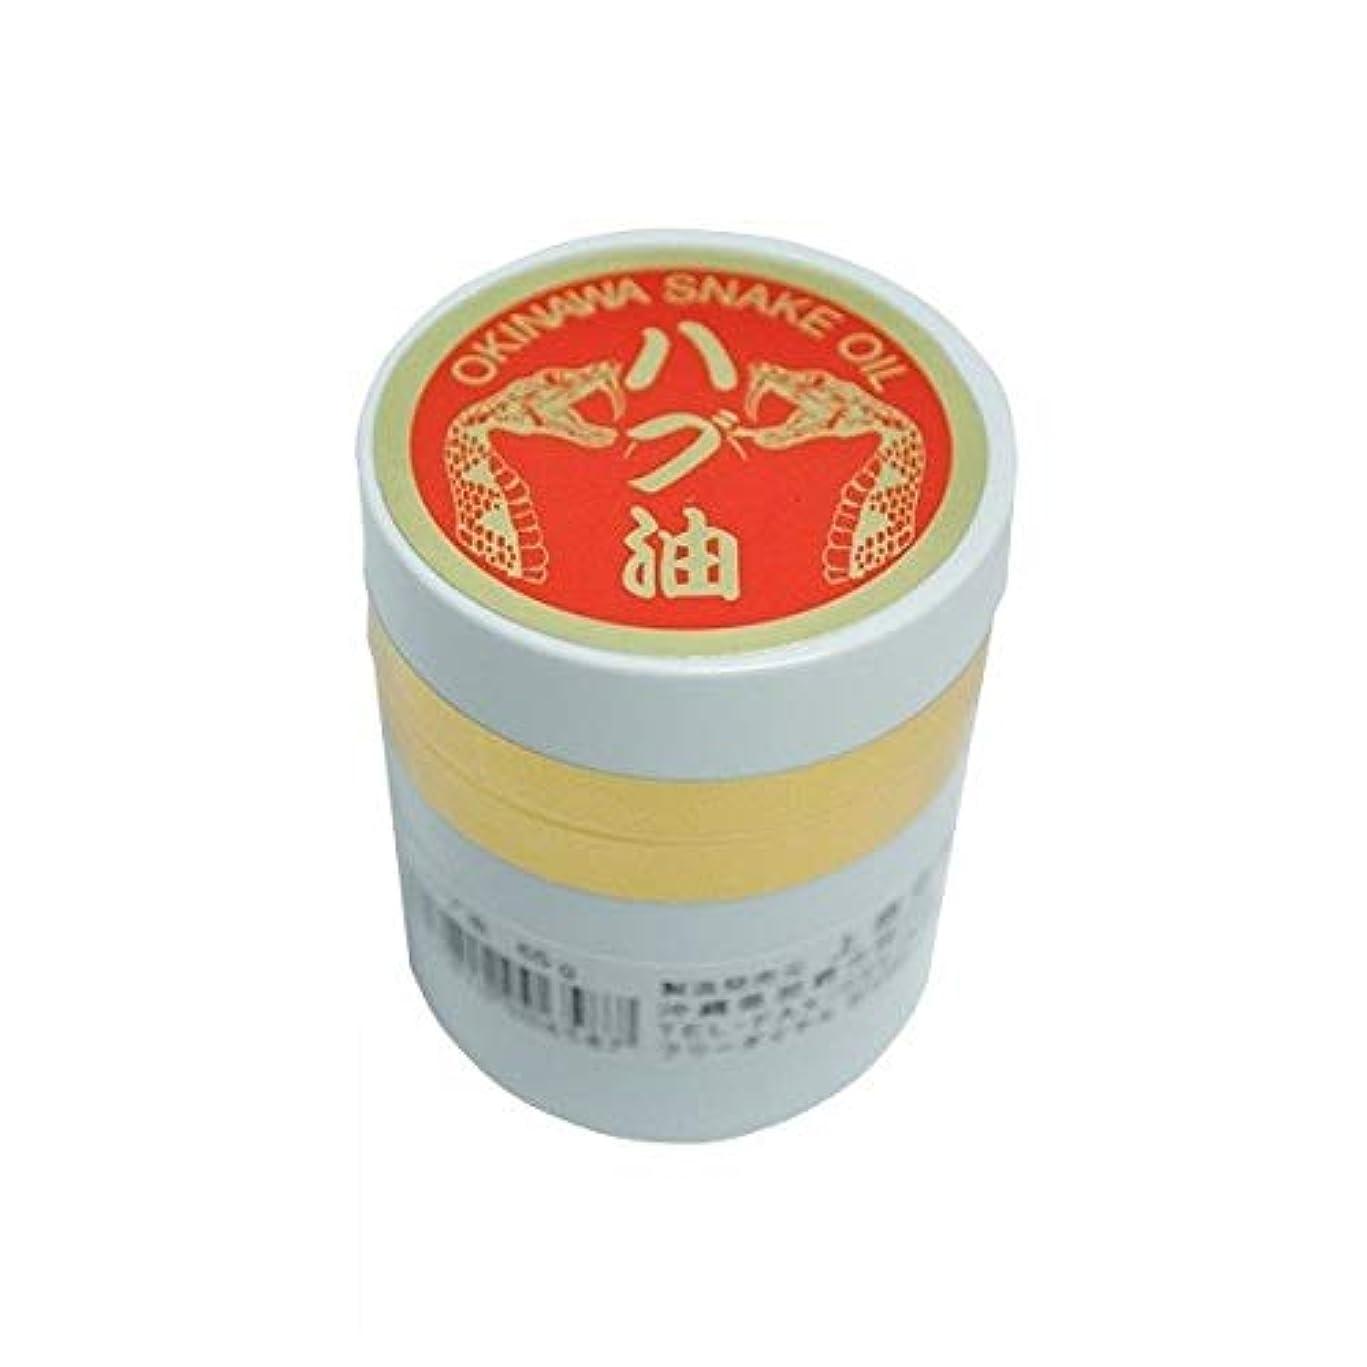 幾何学振りかける平和な沖縄産 ハブ油 65g 軟膏タイプ